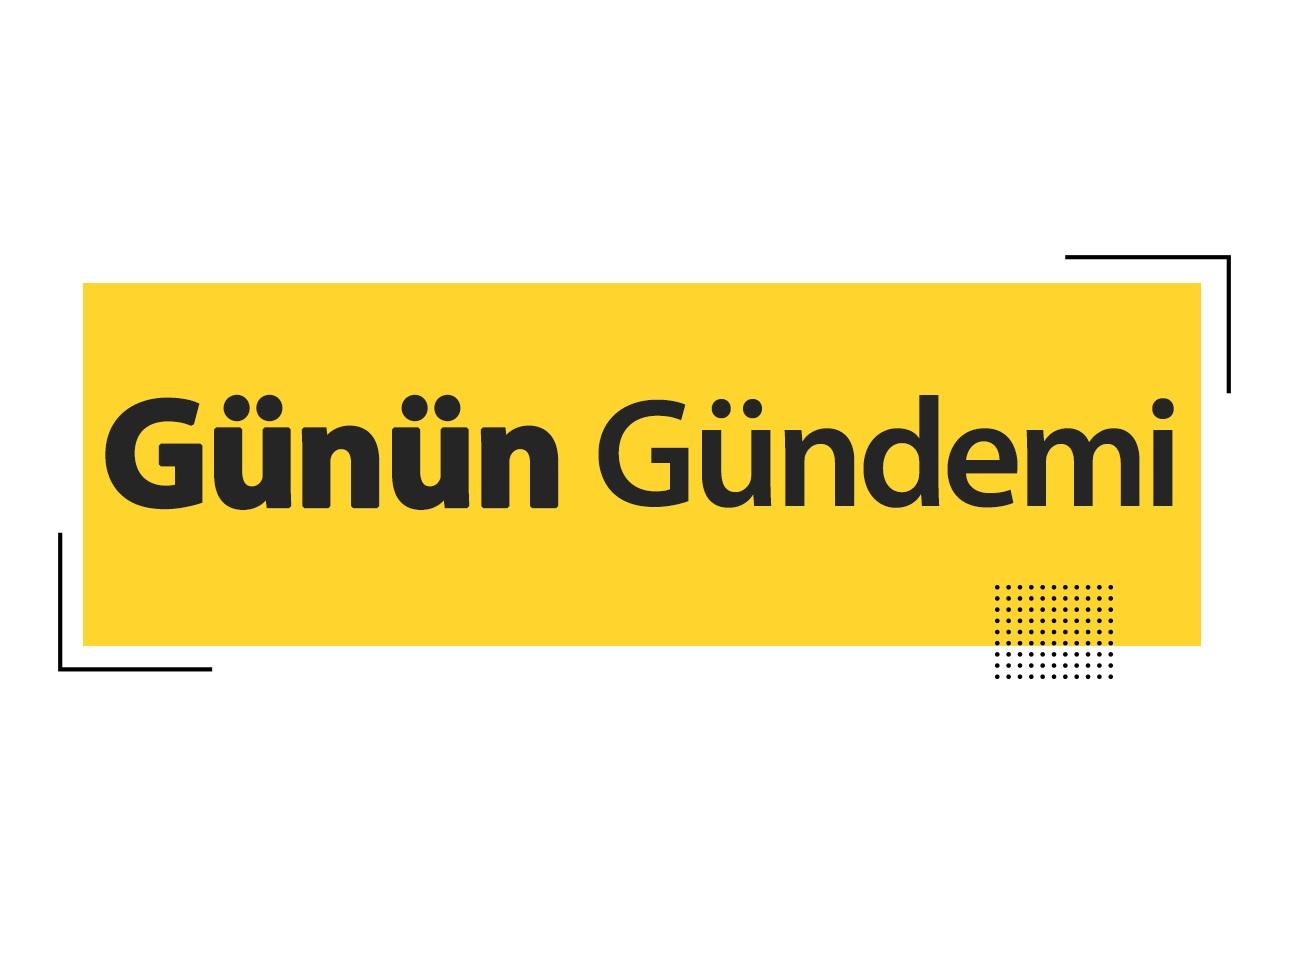 Branding Türkiye'den Günün Gündemi